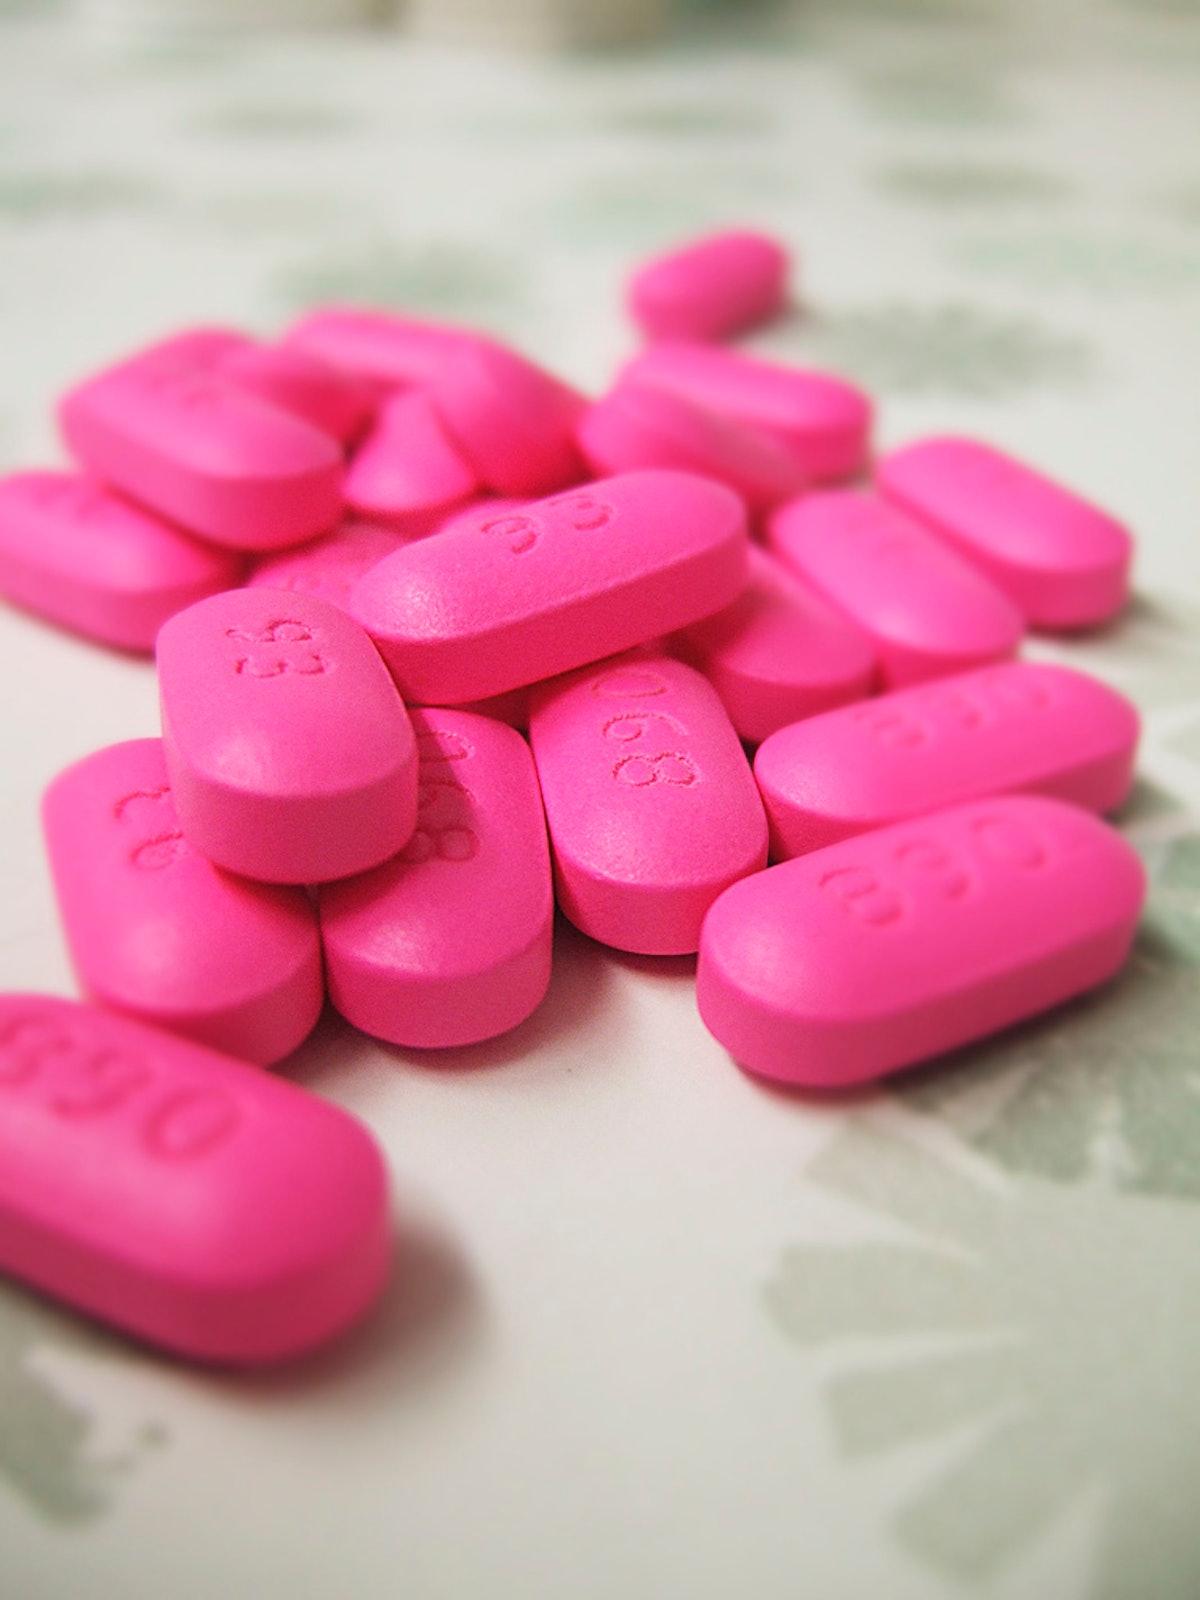 Pink viagra works